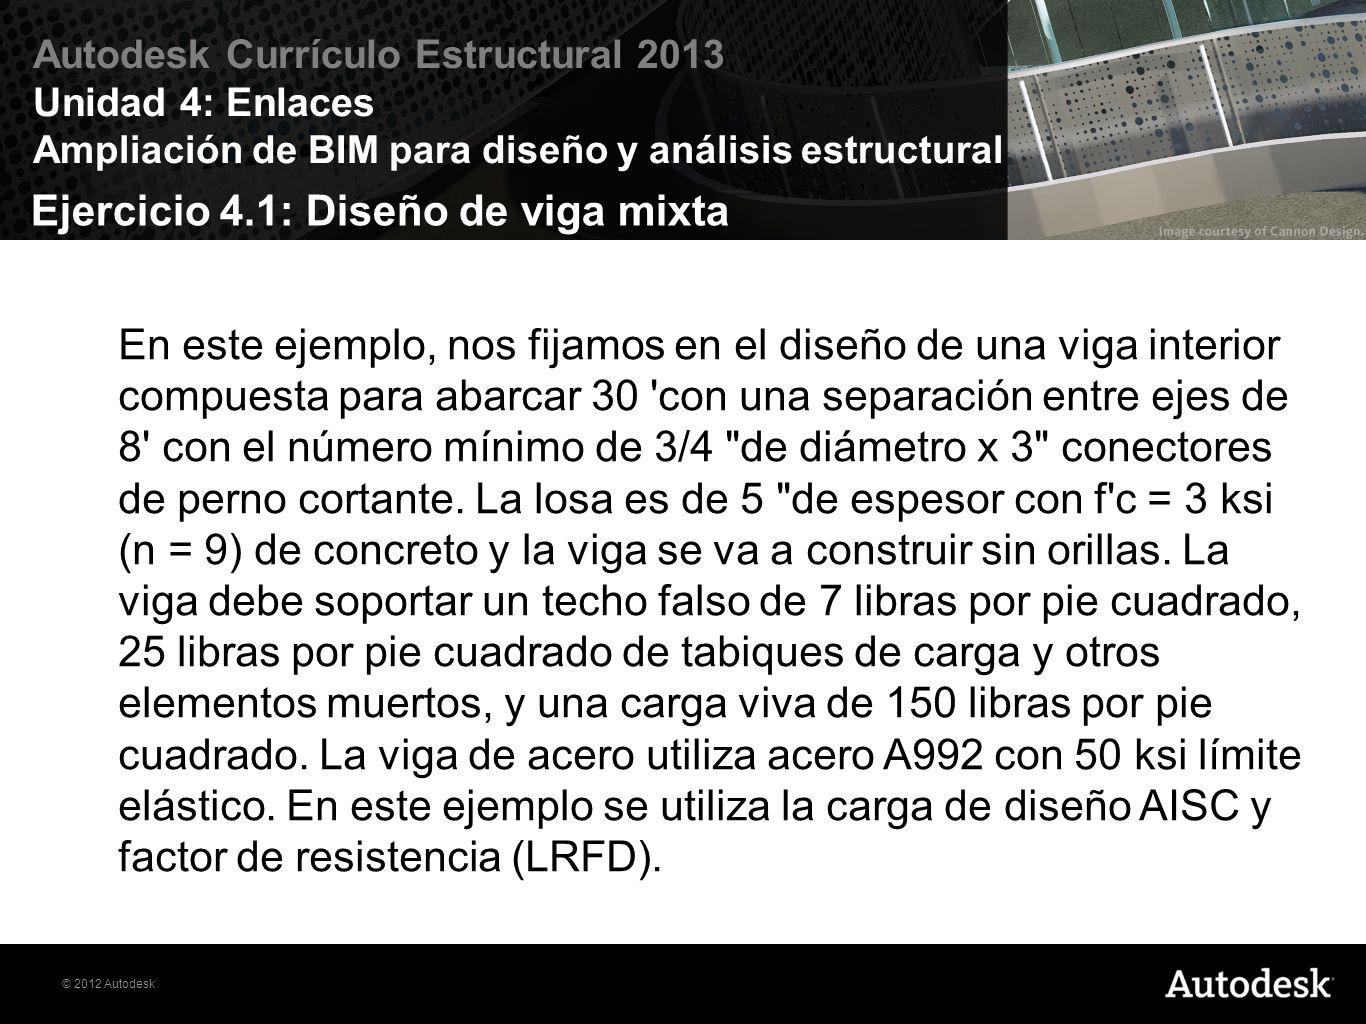 © 2012 Autodesk Autodesk Currículo Estructural 2013 Unidad 4: Enlaces Ampliación de BIM para diseño y análisis estructural Ejercicio 4.1: Diseño de viga mixta